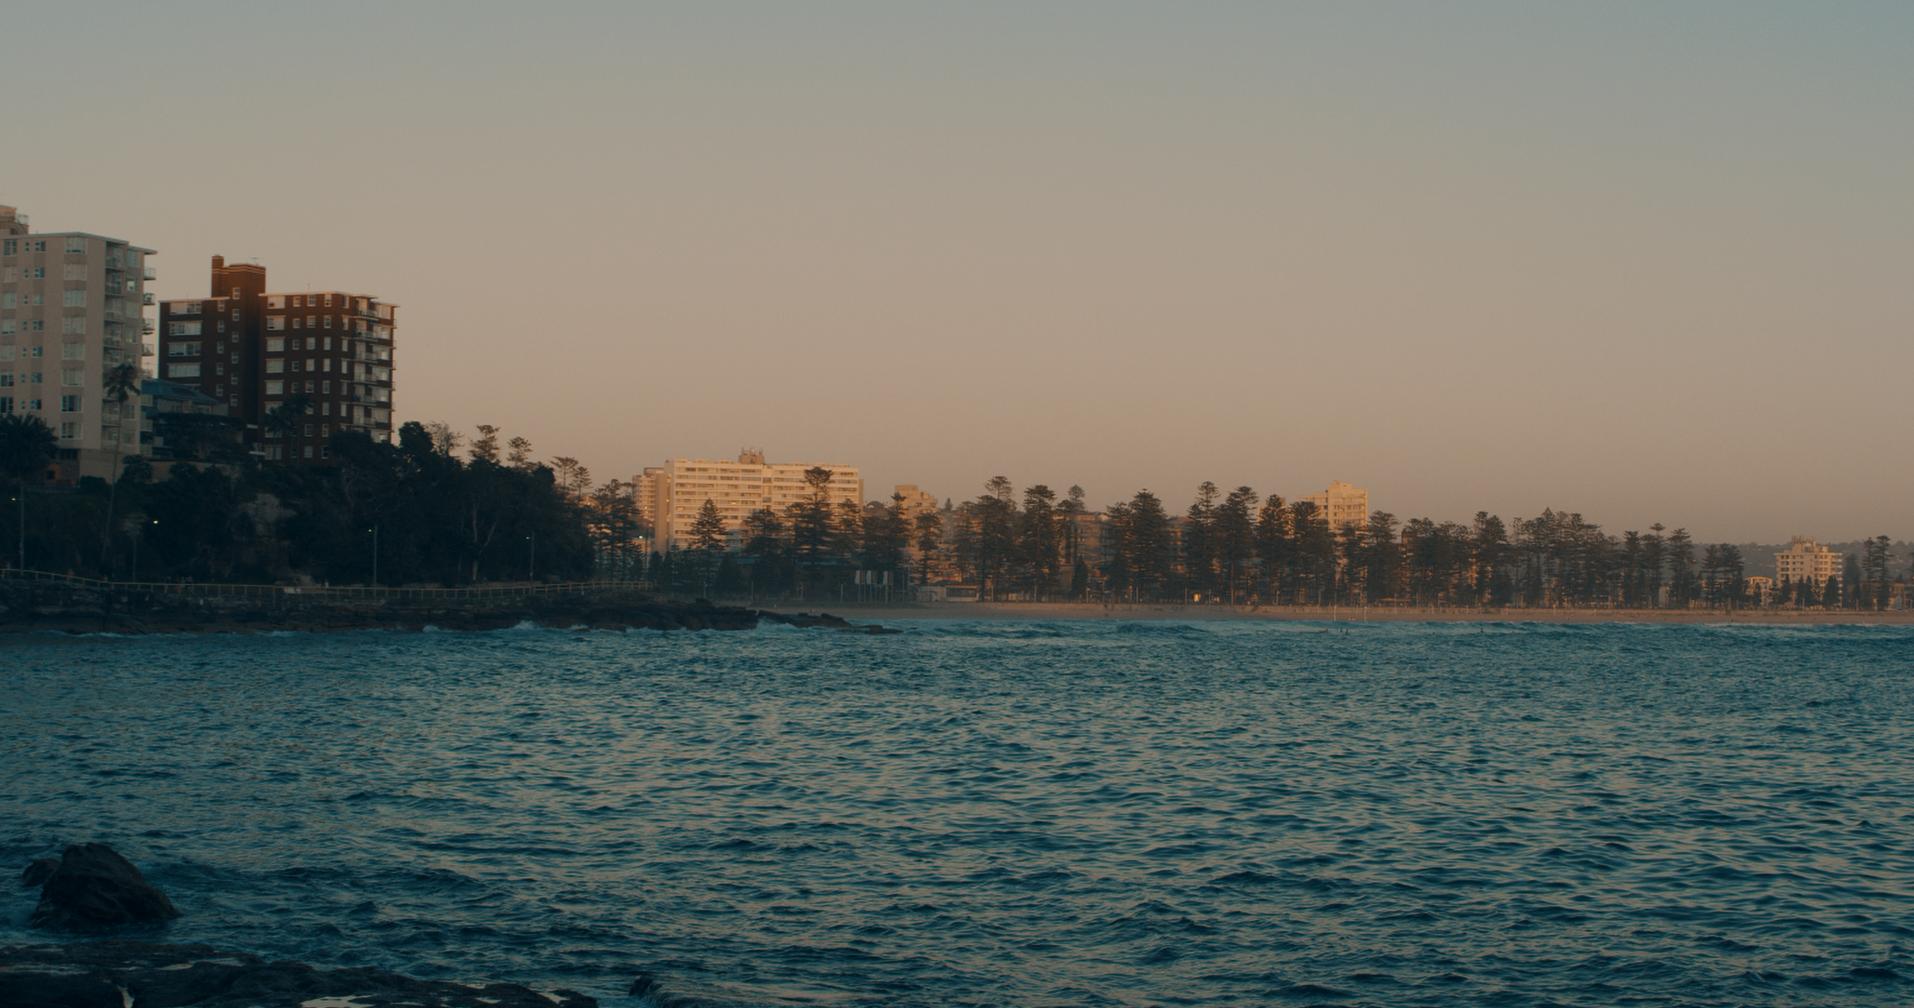 Screen Shot 2014-01-16 at 9.03.50 AM.png